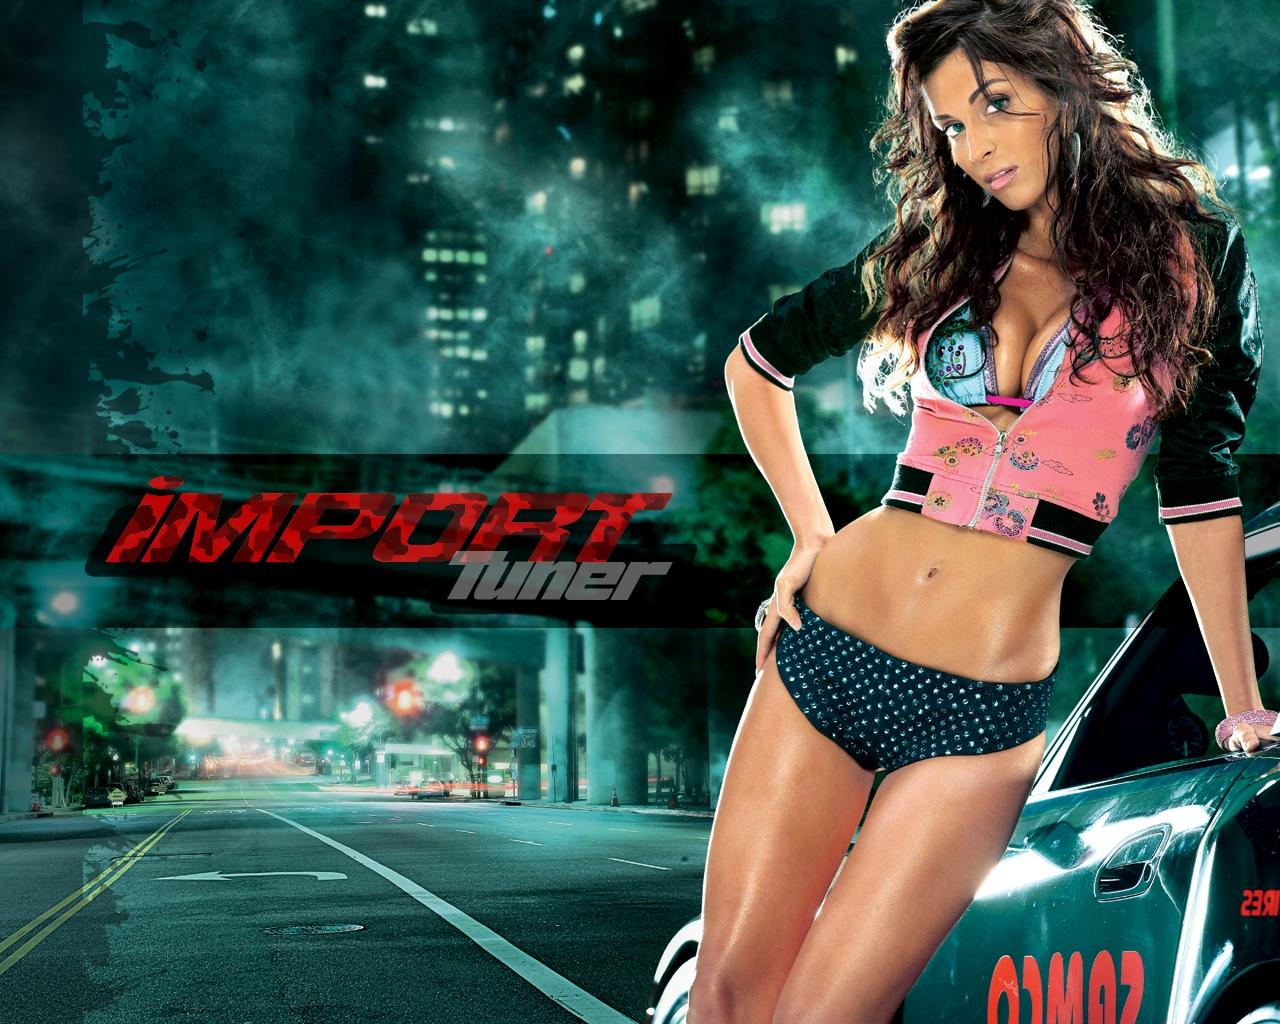 http://1.bp.blogspot.com/__A8FDKqD8-Q/TOqDzt6PB9I/AAAAAAAABd0/ZEFu15ubdJM/s1600/www.freehd.blogspot.com+1+%252841%2529.jpg